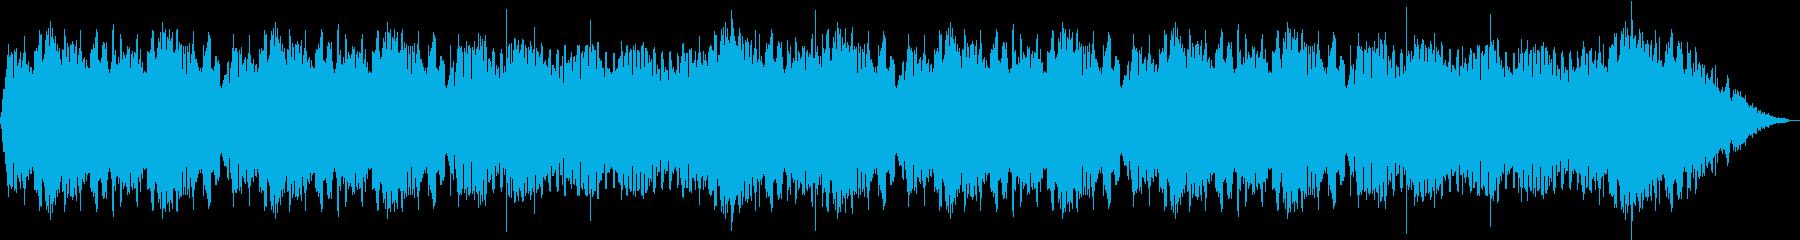 ノスタルジックな444Hzの安らぎ音楽の再生済みの波形